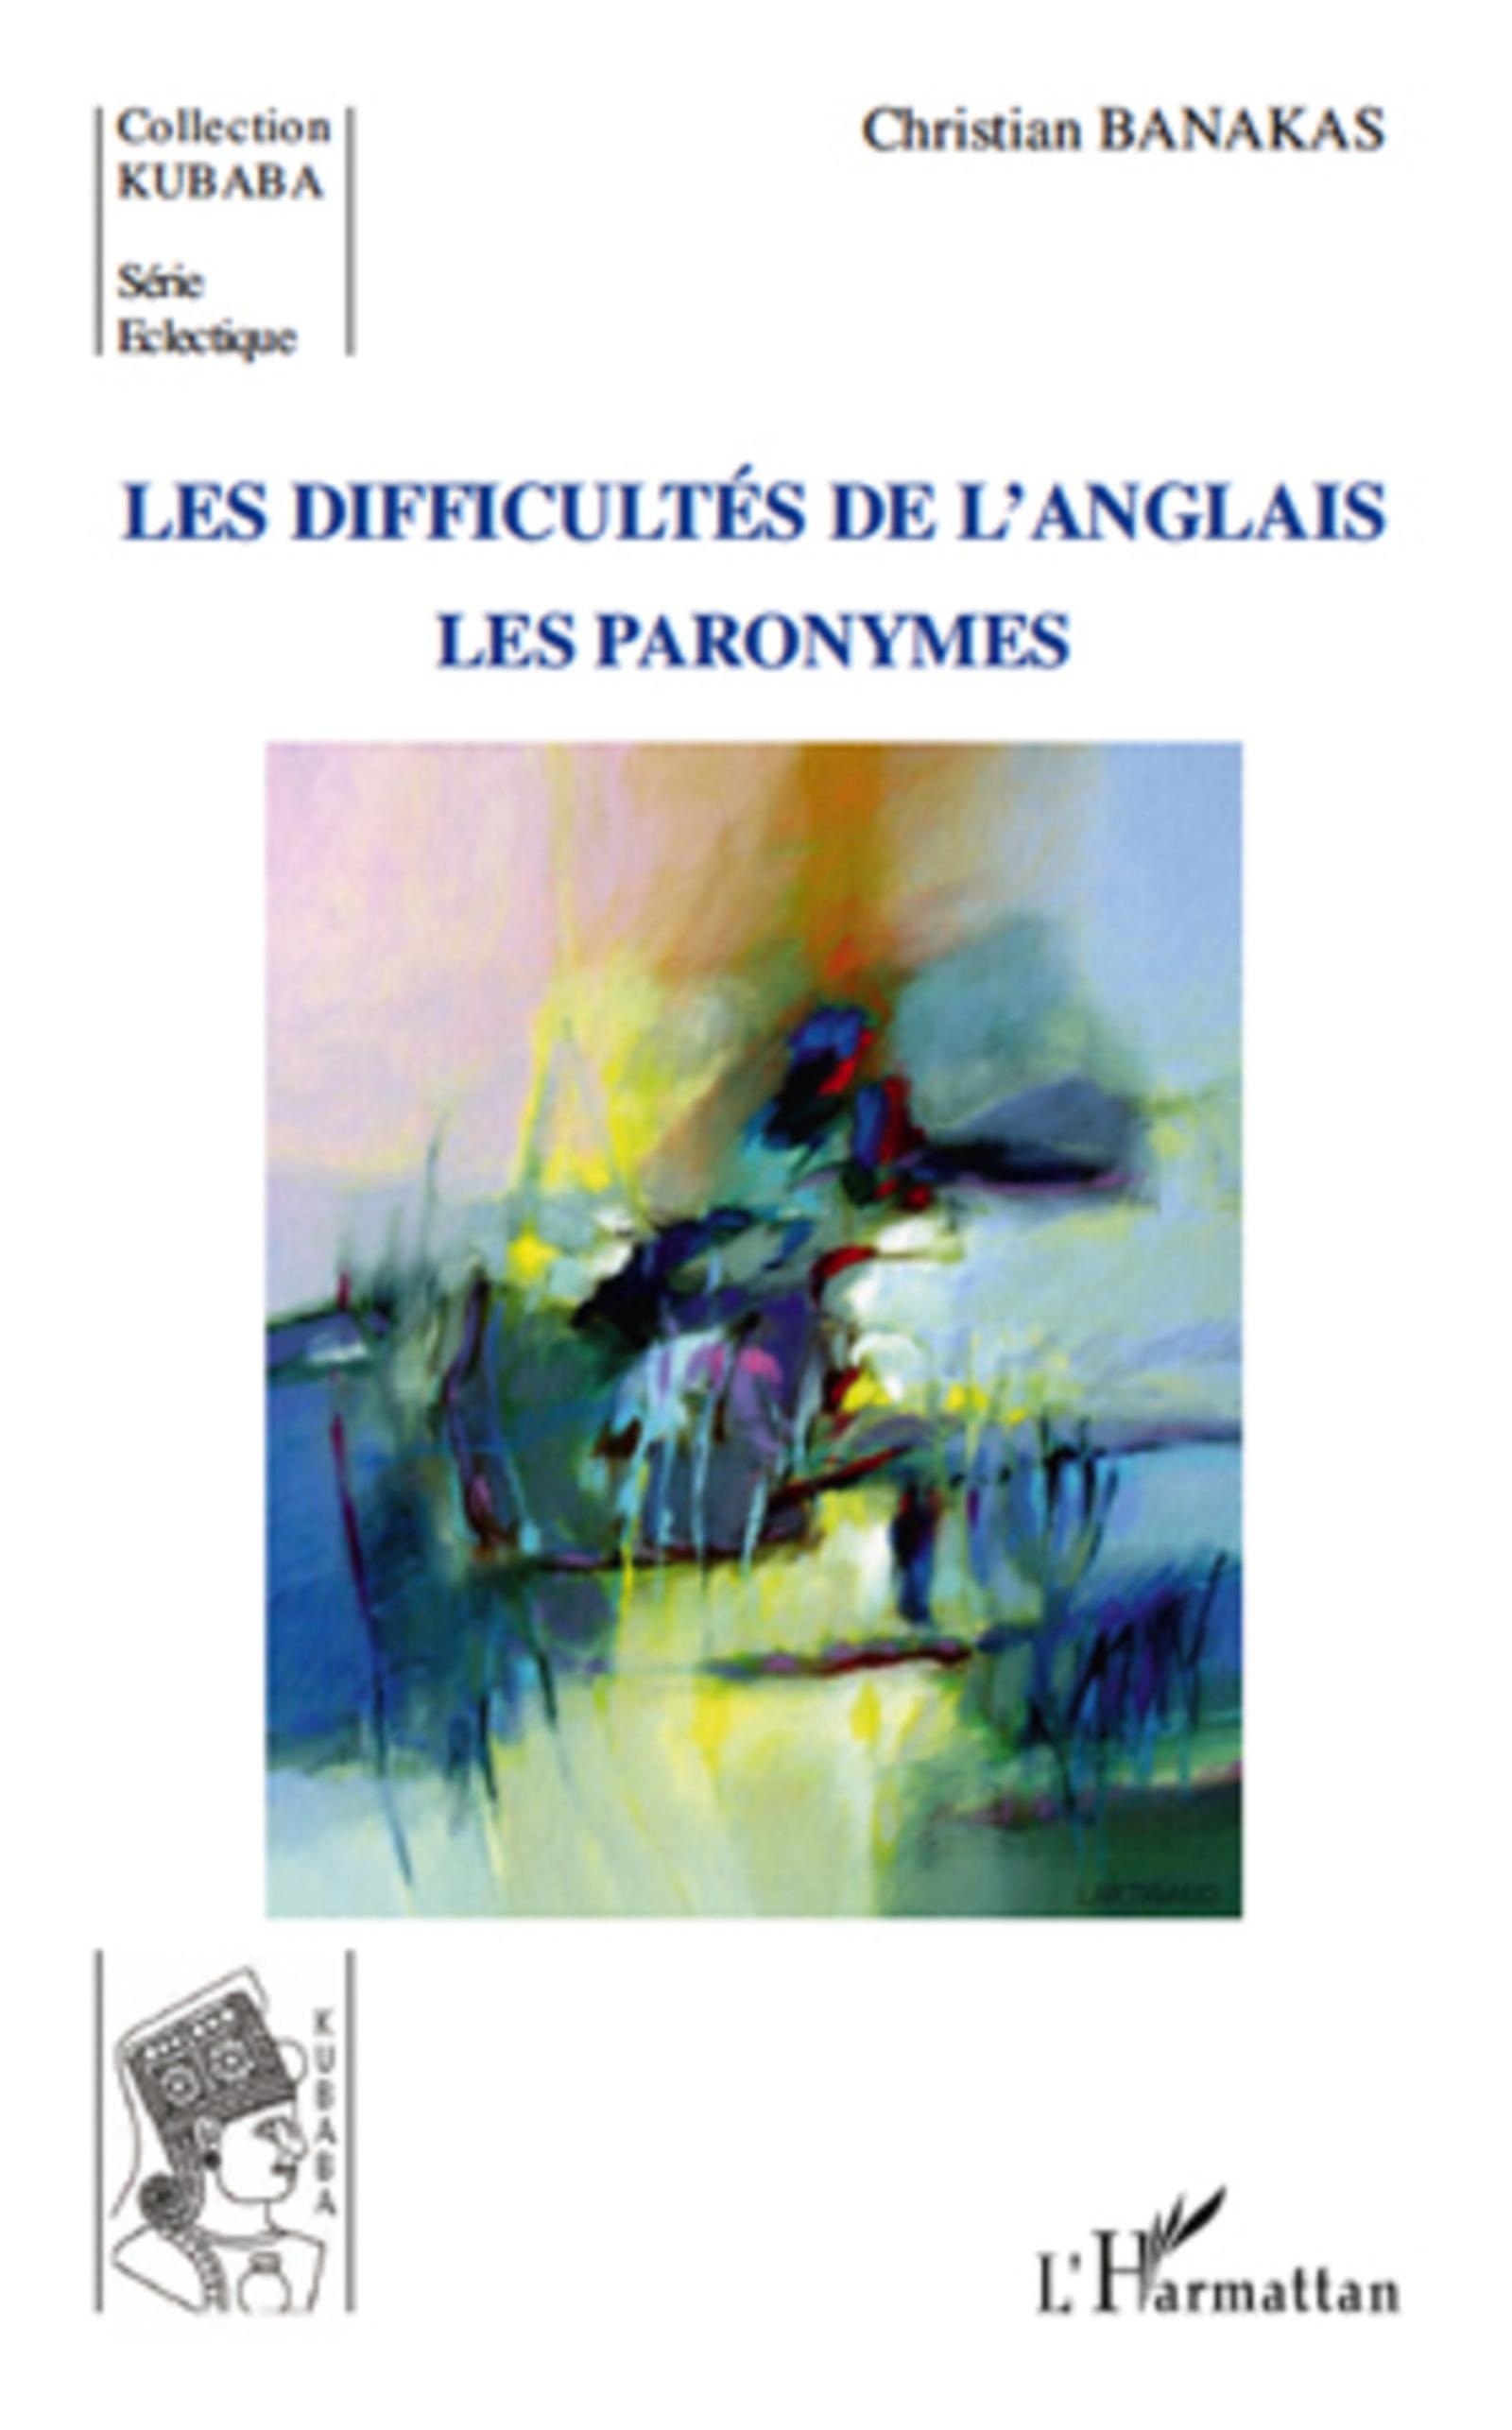 Traduction de rencontrer des difficultes en anglais